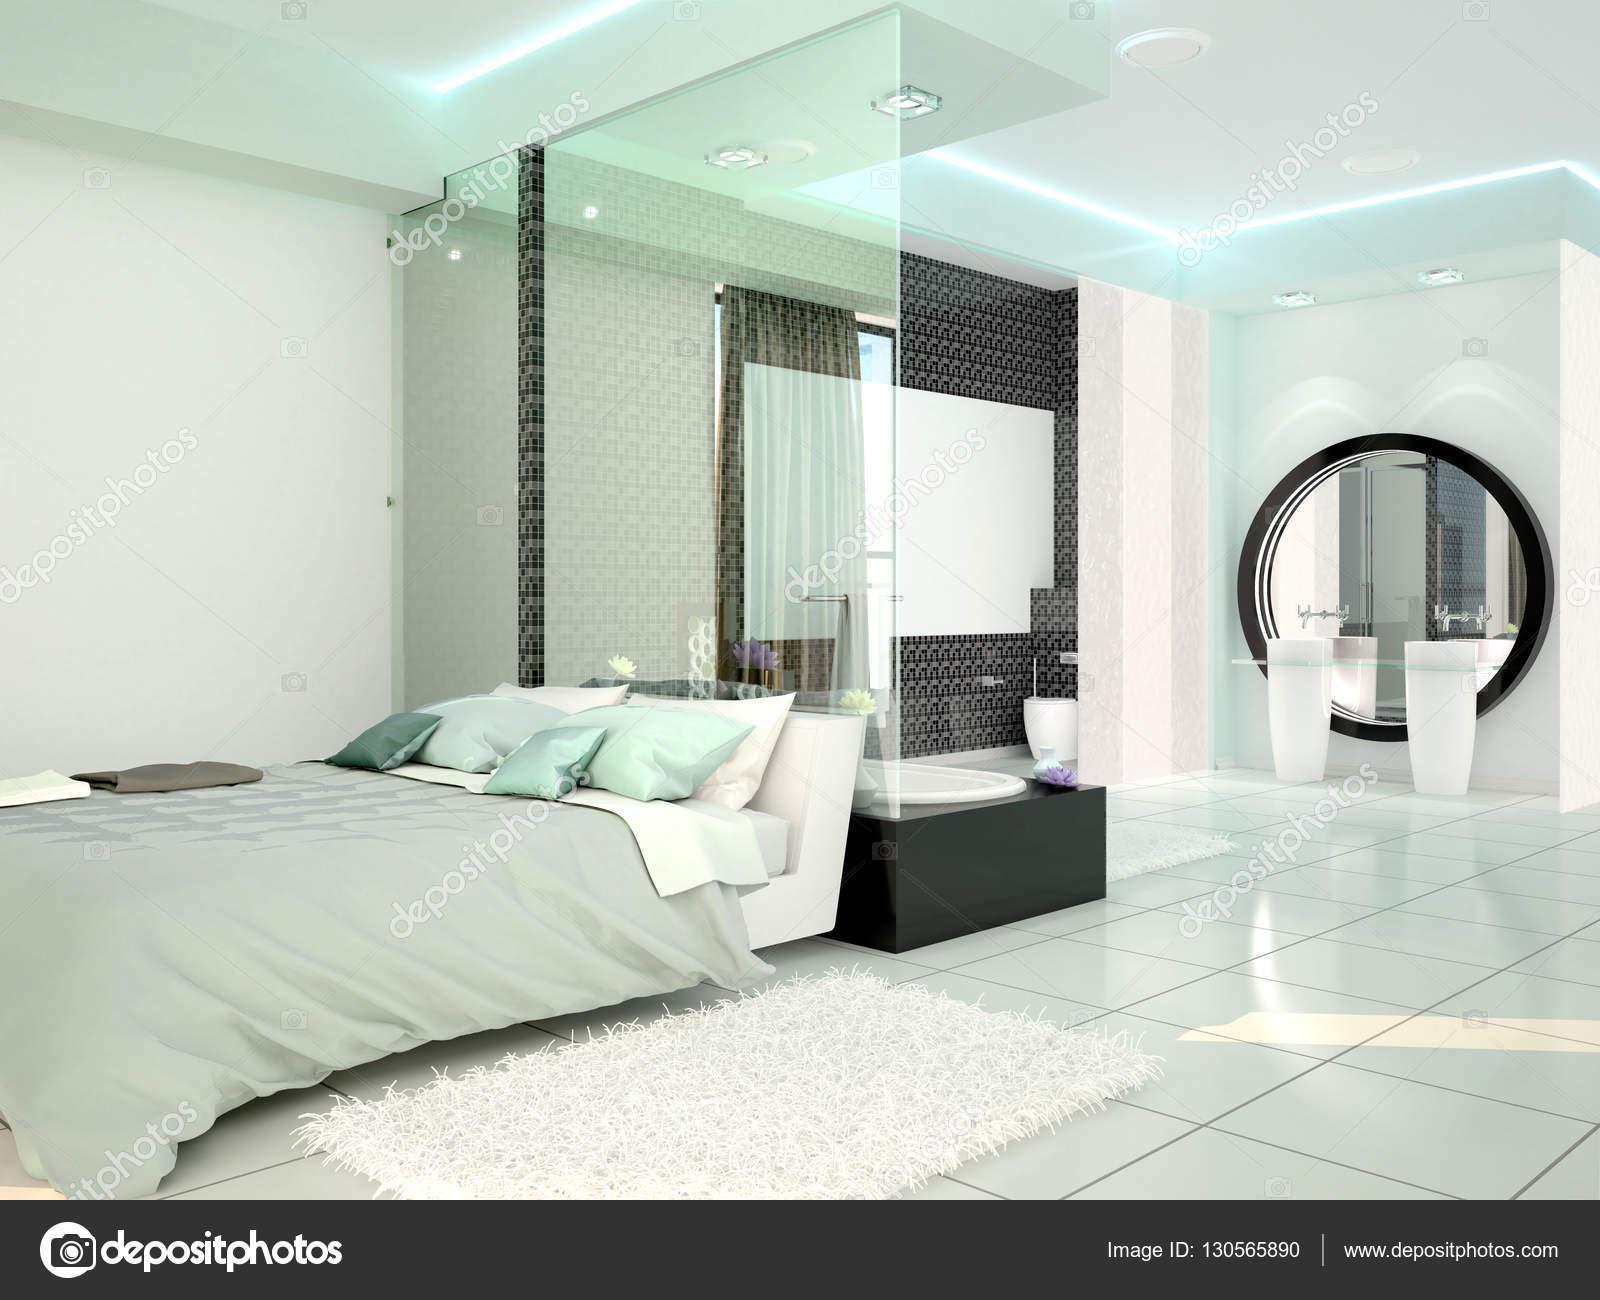 slaapkamer met badkamer in een moderne high-tech-stijl. 3D ...